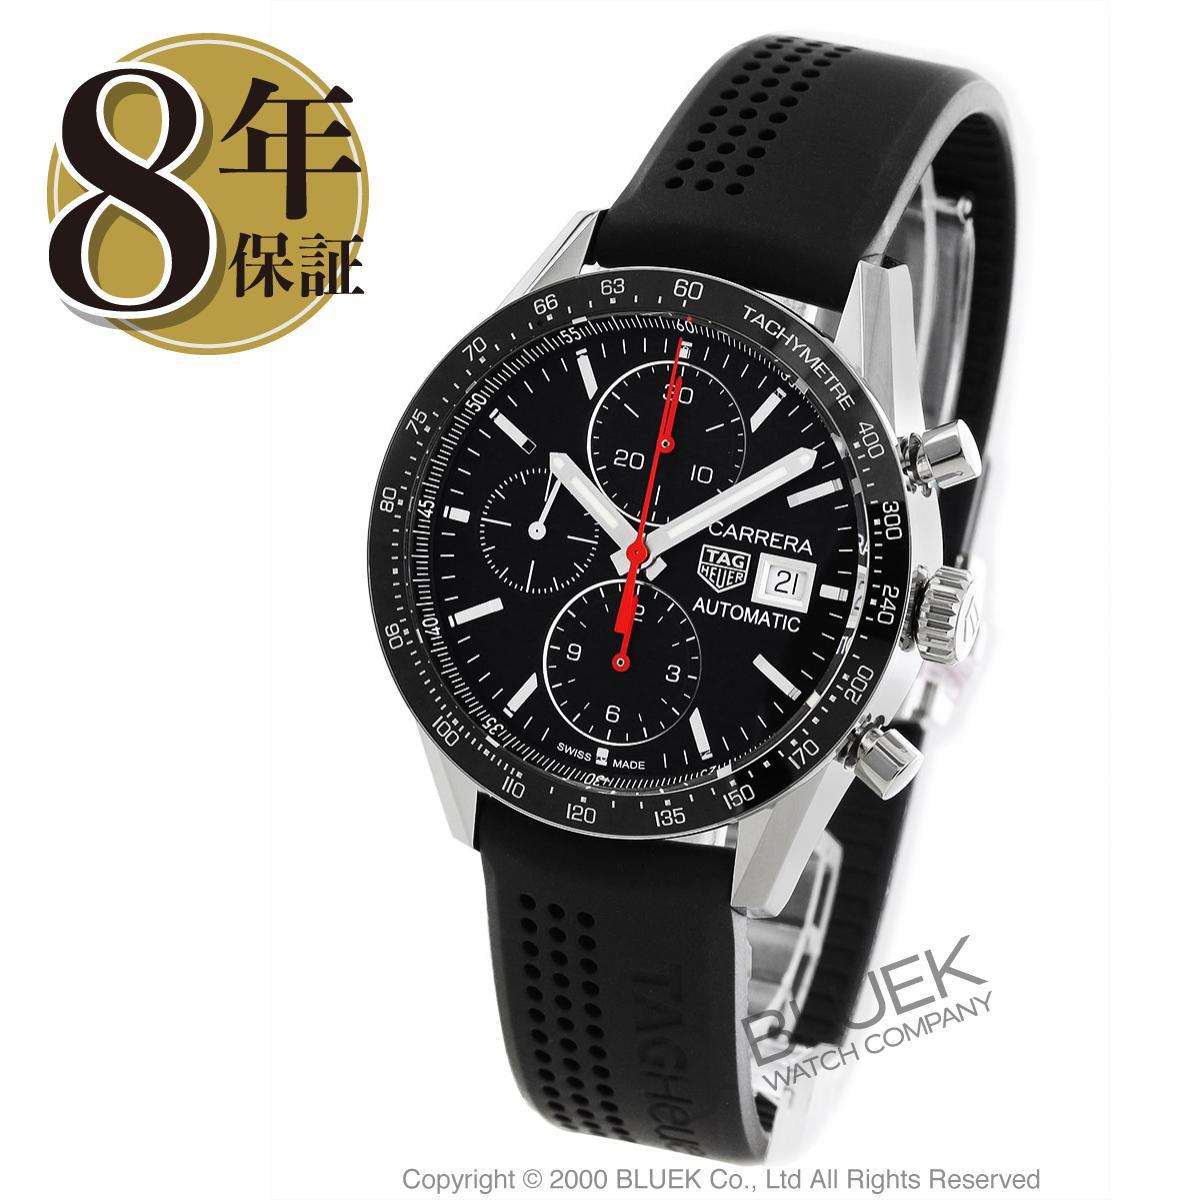 【最大3万円割引クーポン 11/01~】タグホイヤー カレラ クロノグラフ 腕時計 メンズ TAG Heuer CV201AK.FT6040_8